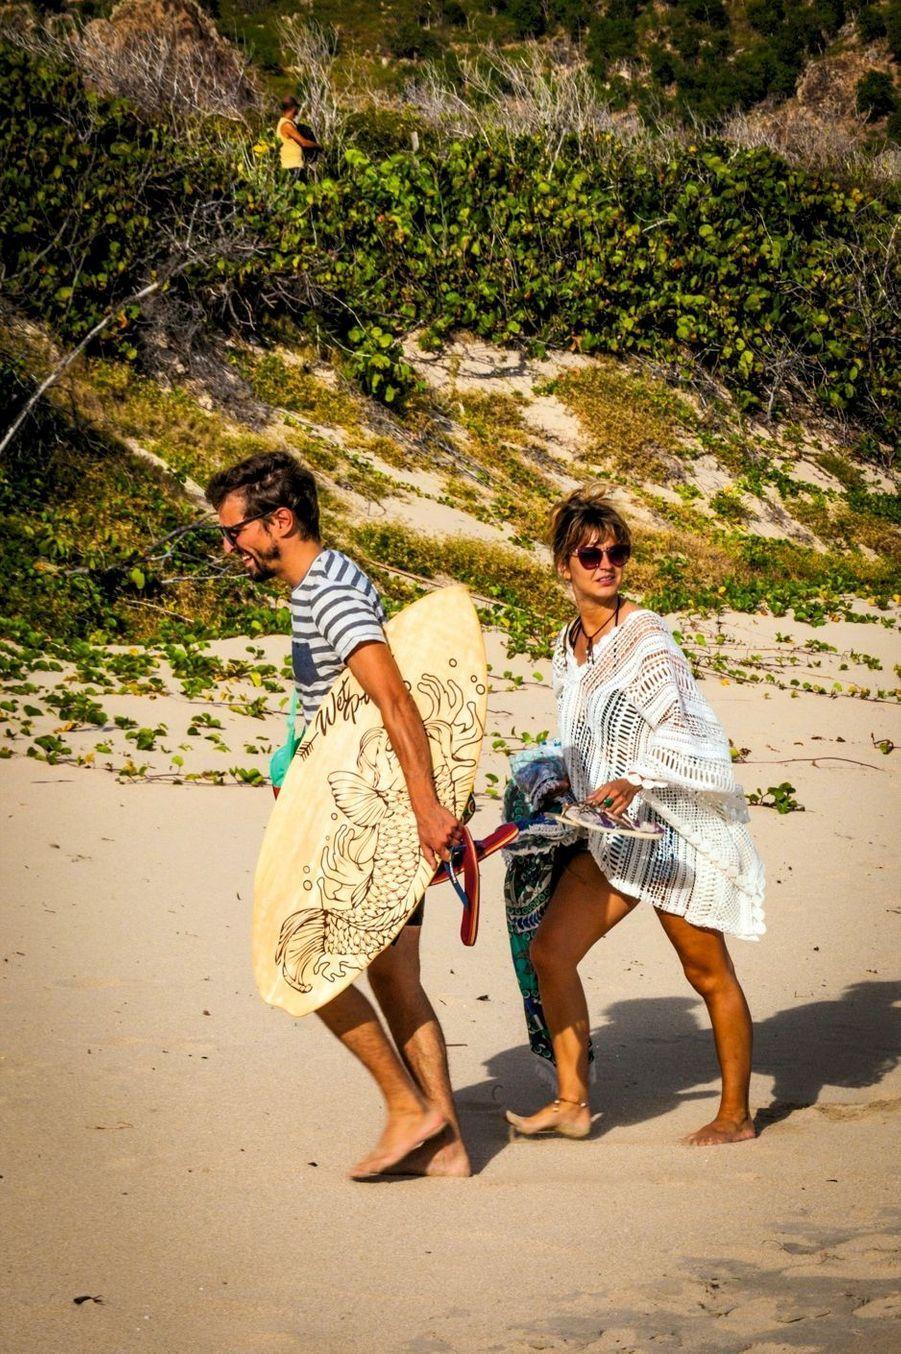 La plage sauvage des Salines, repaire des hippies chics